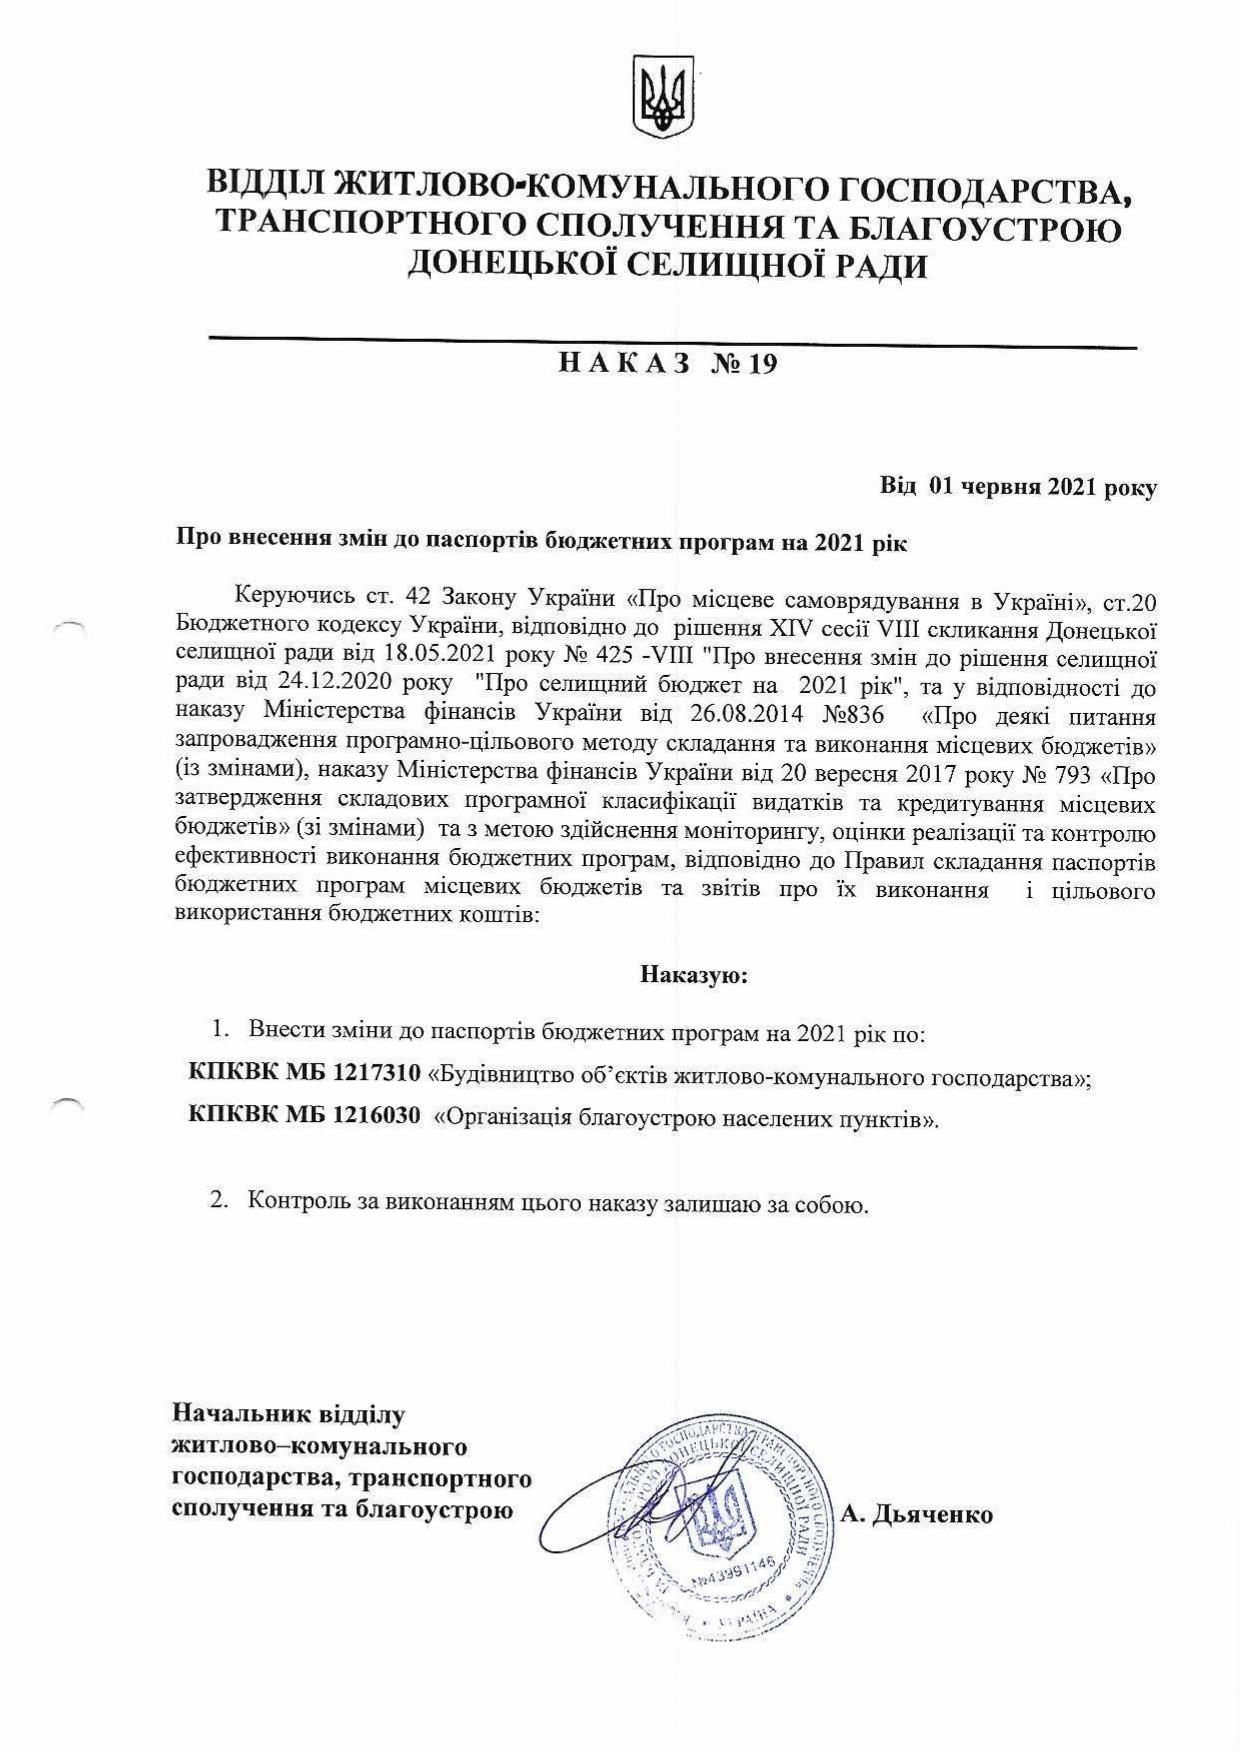 Наказ №19 Про внесення змін до паспортів бюджетних програм на 2021 рік та Паспорти